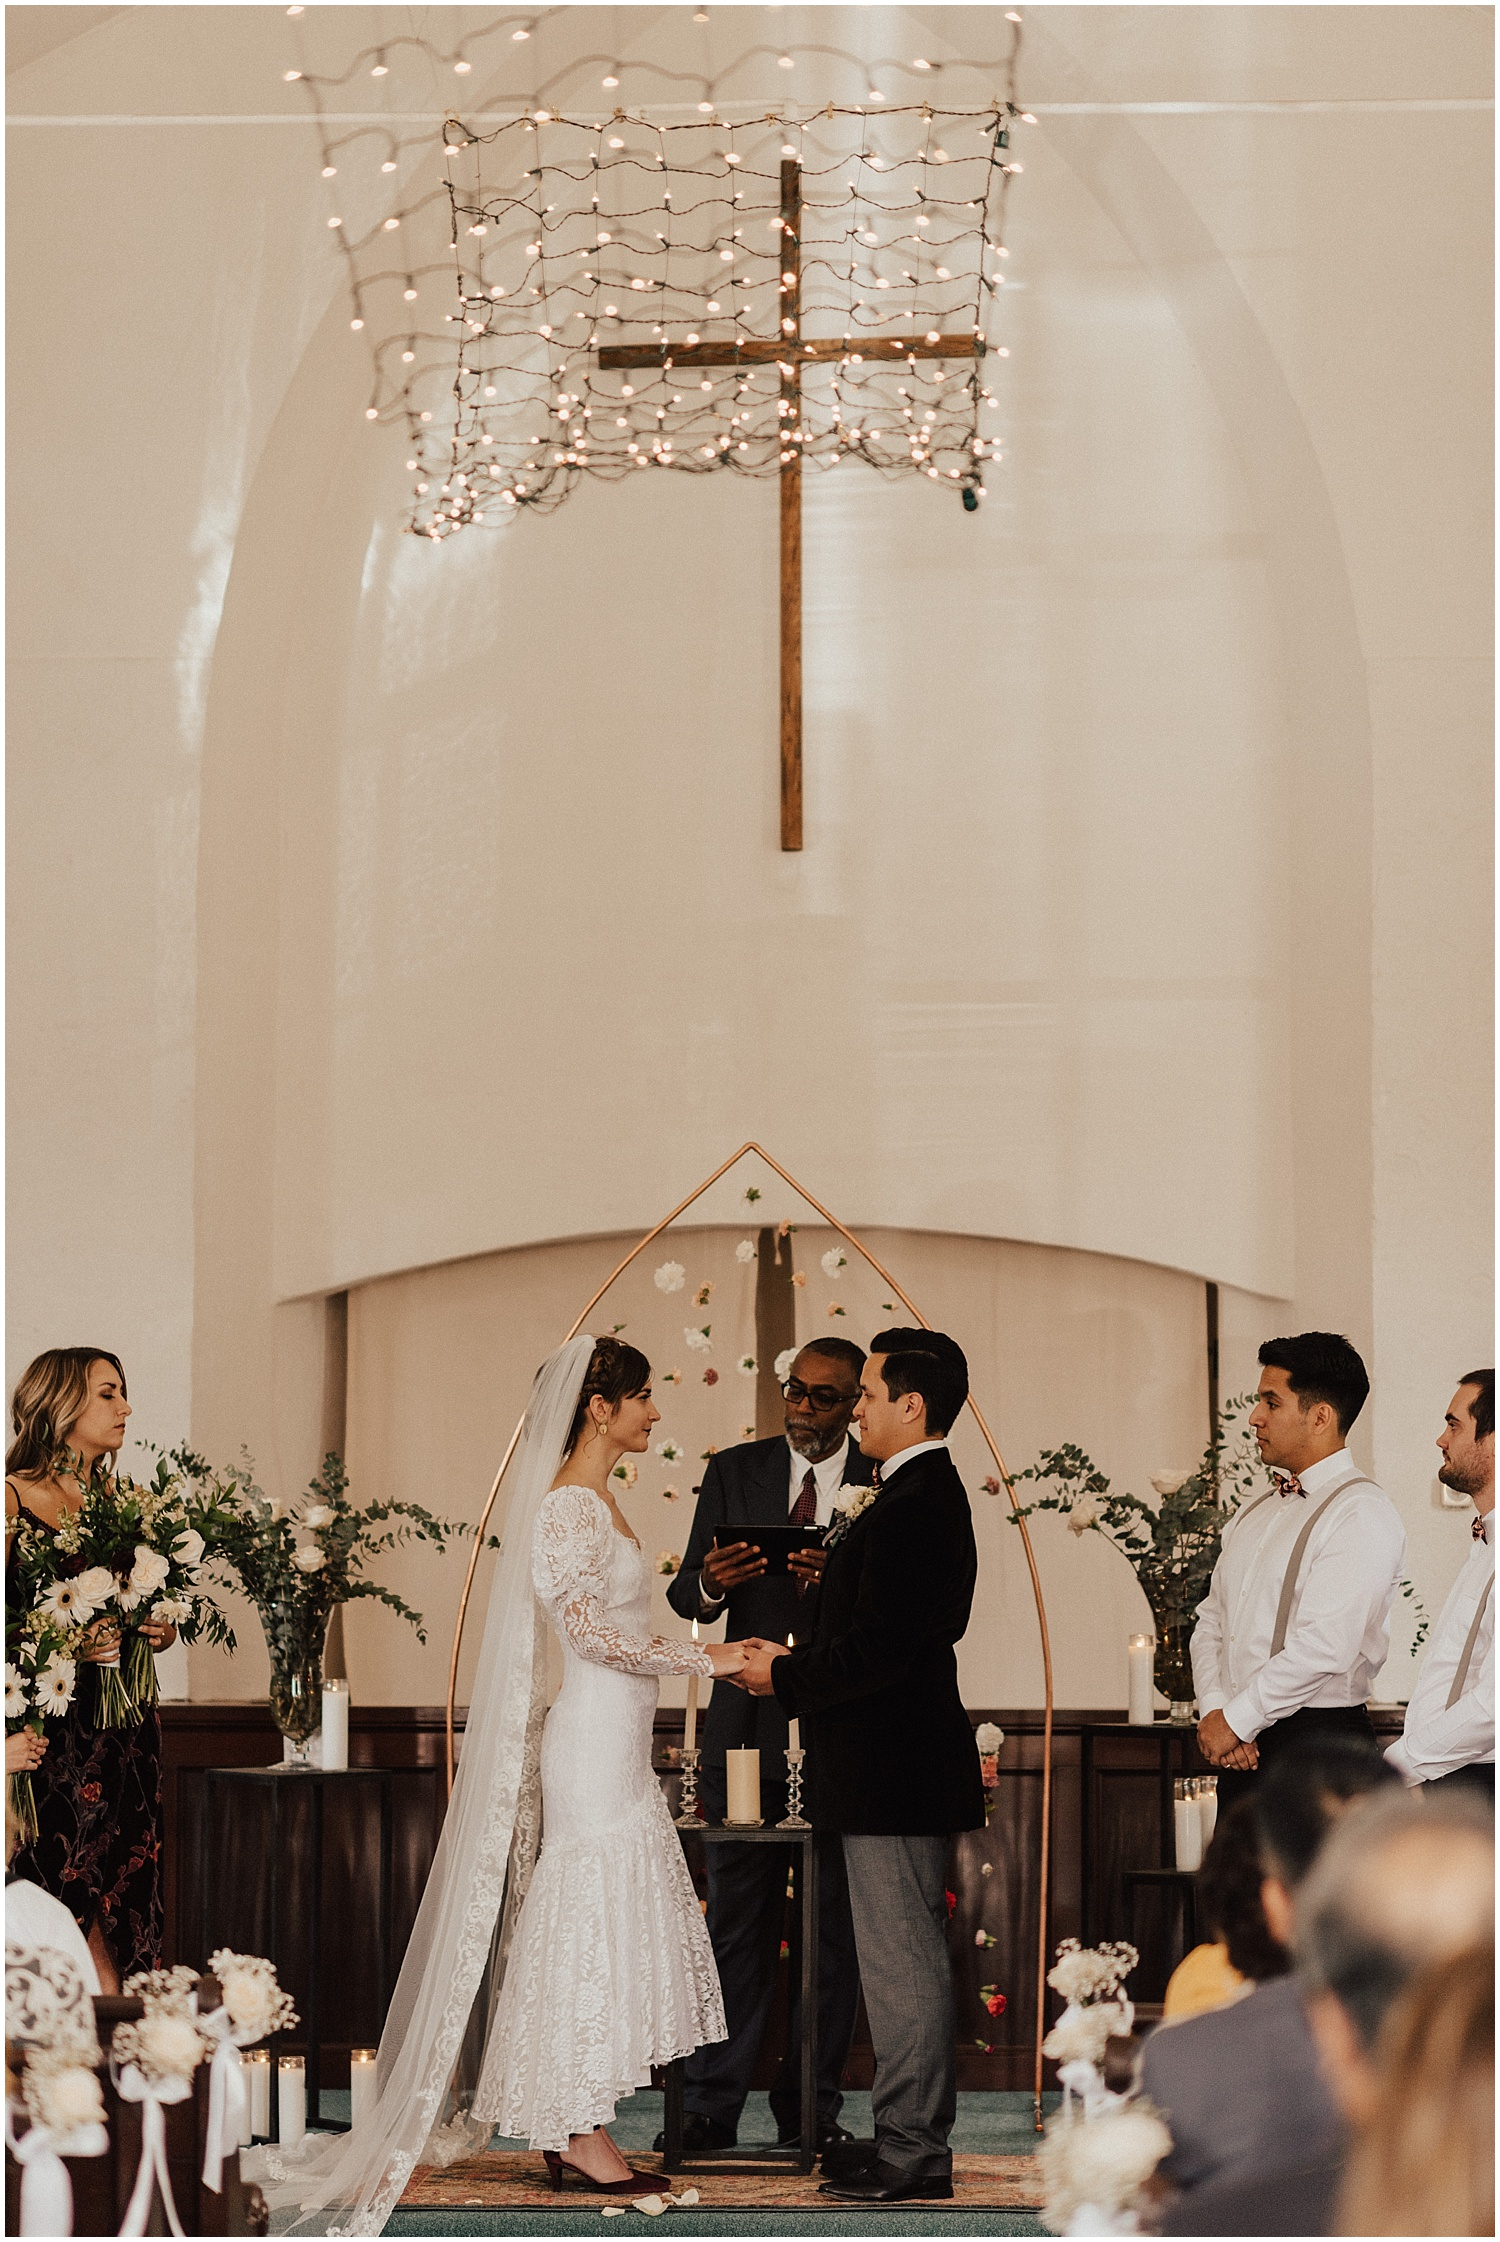 church-wedding-industrial-reception-sunvalley-idaho66.jpg